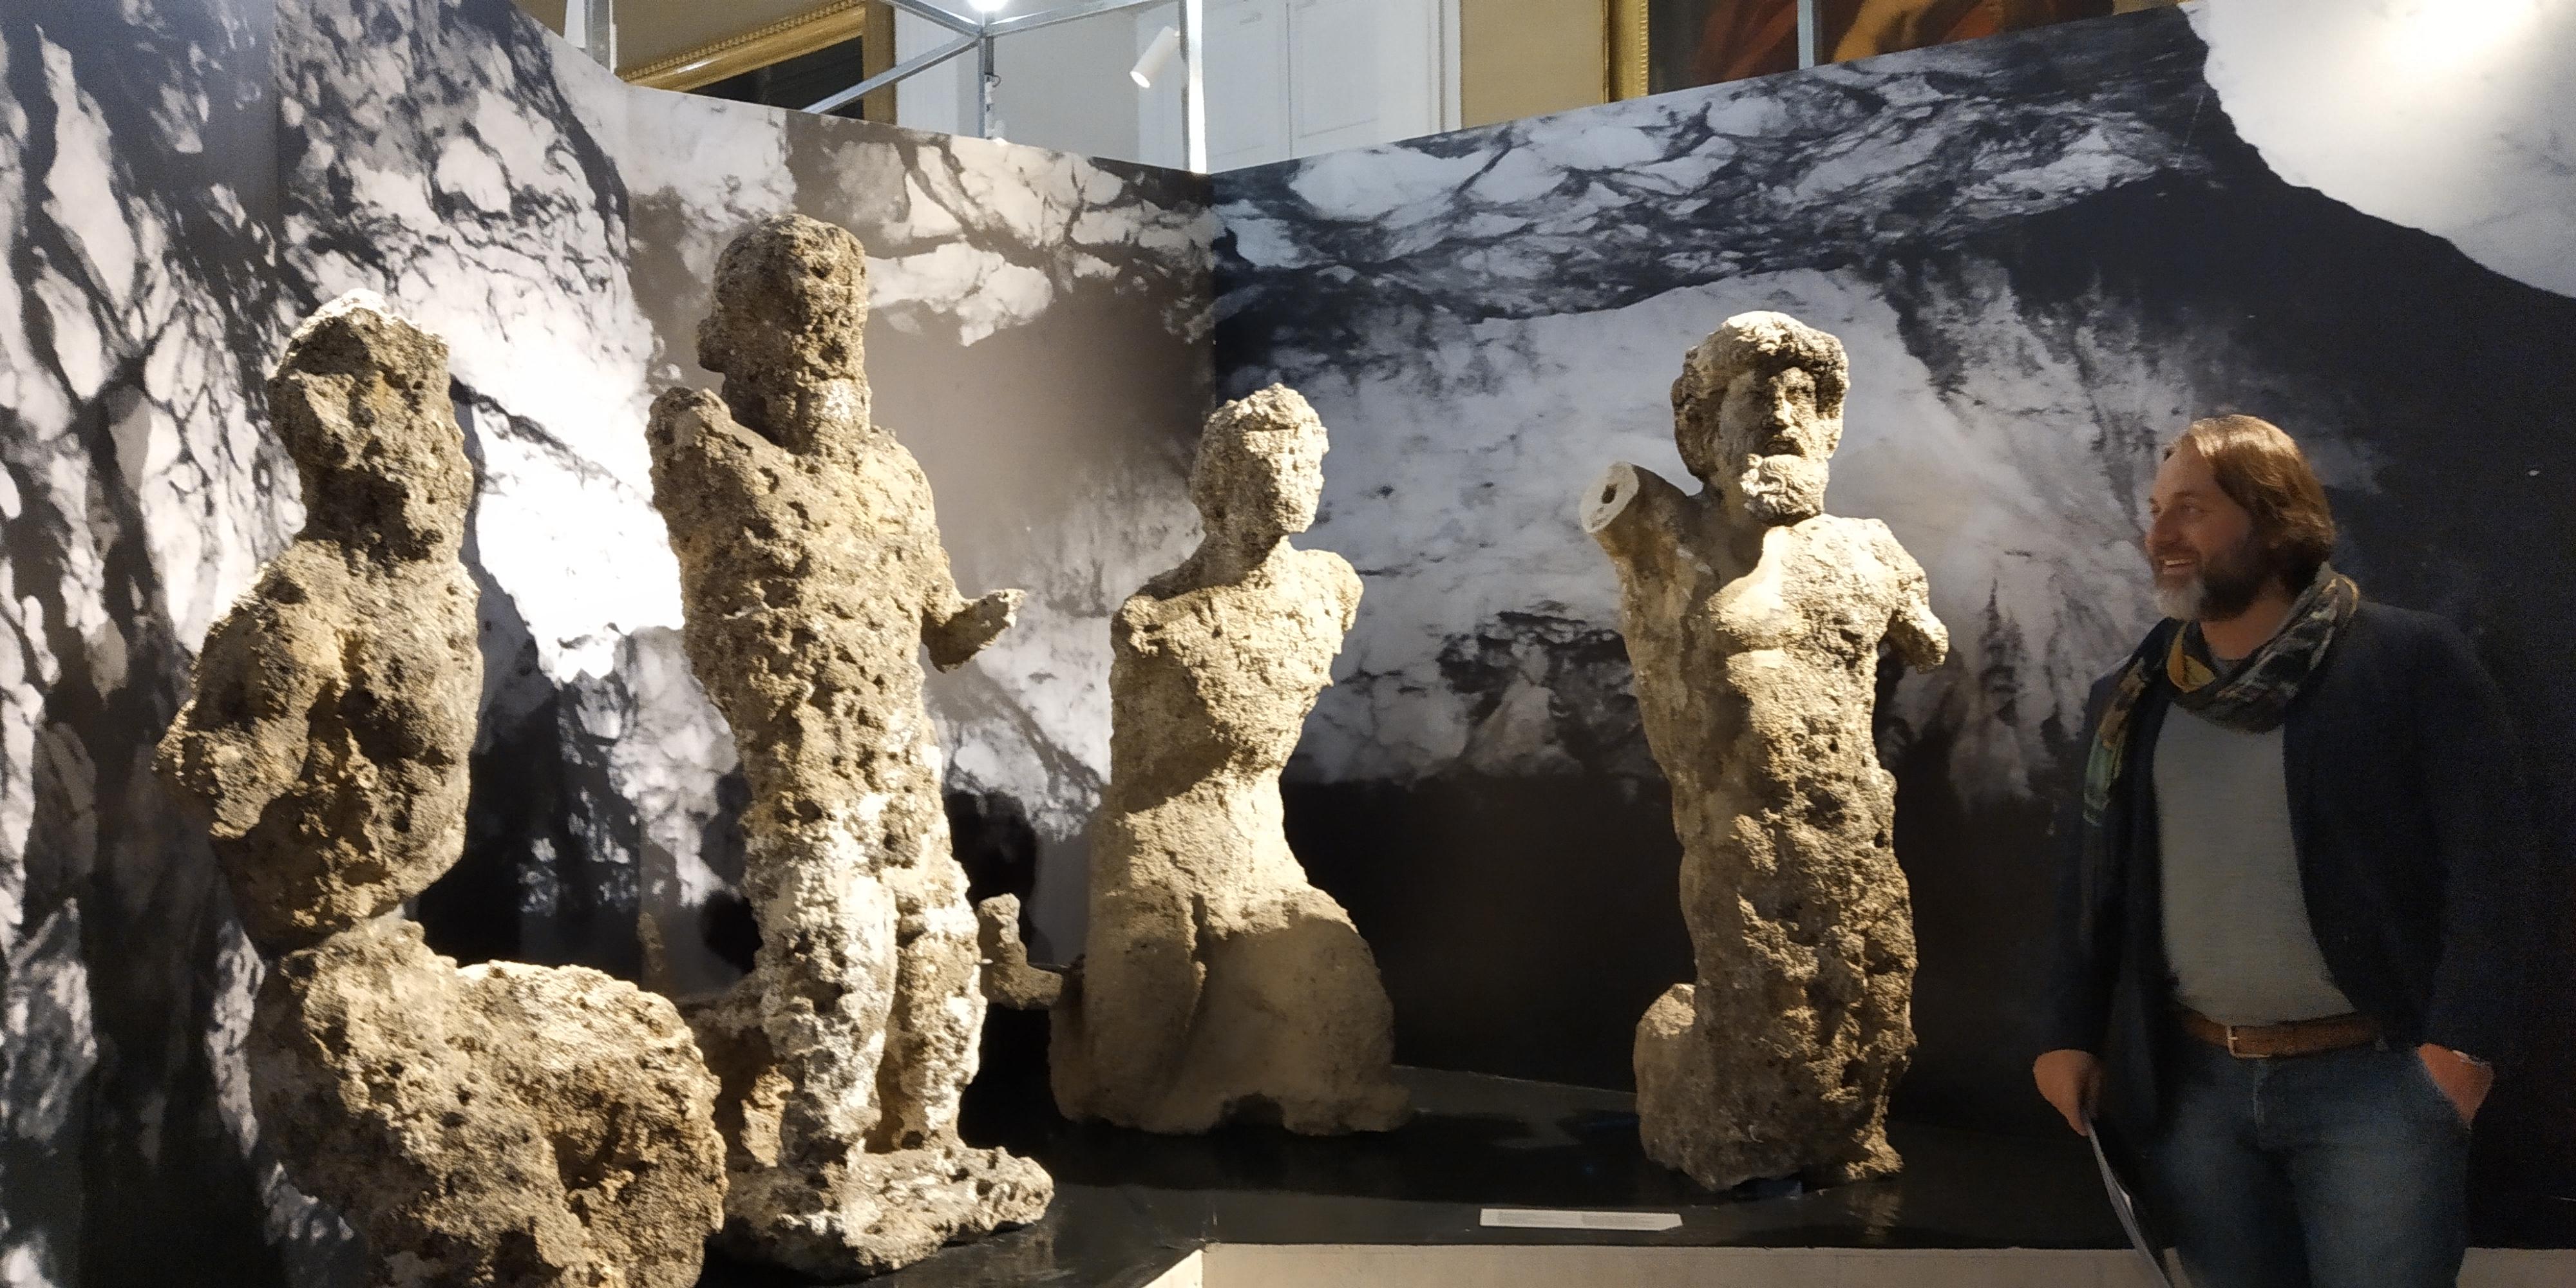 Napoli, due mostre tra mare e vulcani: Thalassa al MANN e Vulcanica al museo del tesoro di San Gennaro